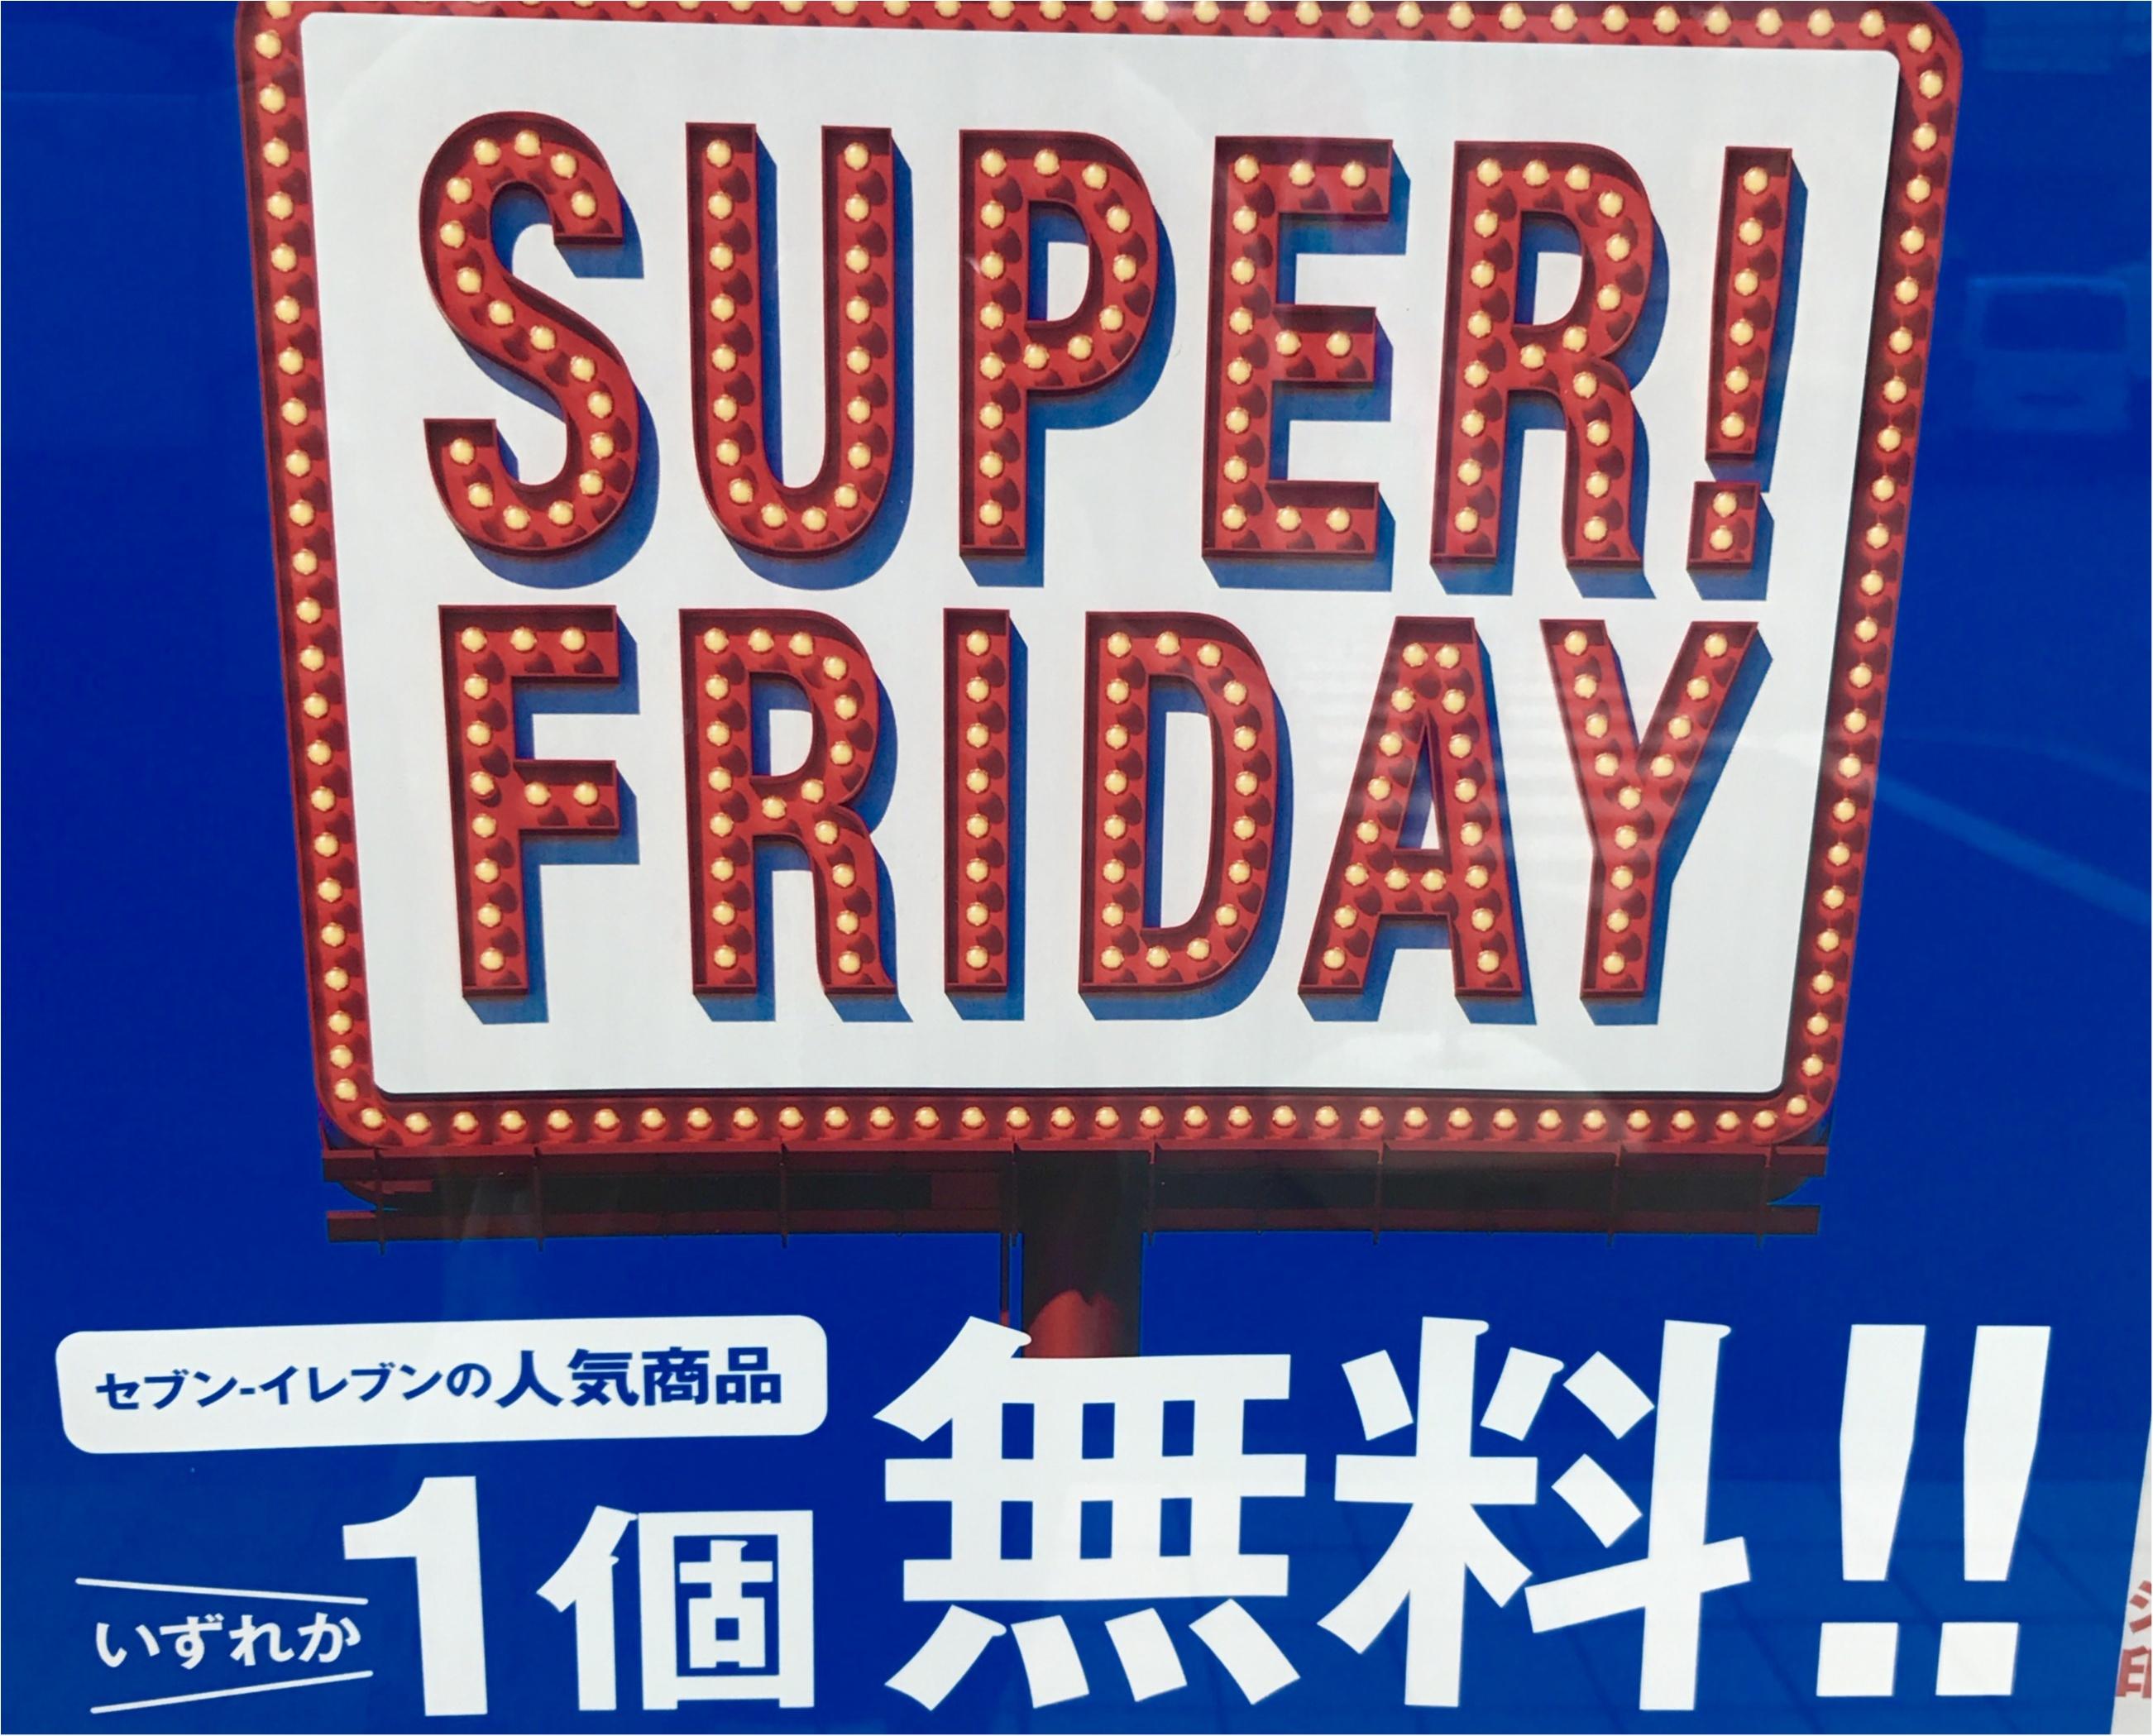 【SUPER FRIDAY】ソフトバンクユーザー必見!6月の金曜日はセブンの人気商品がもらえるチャンス♡_2